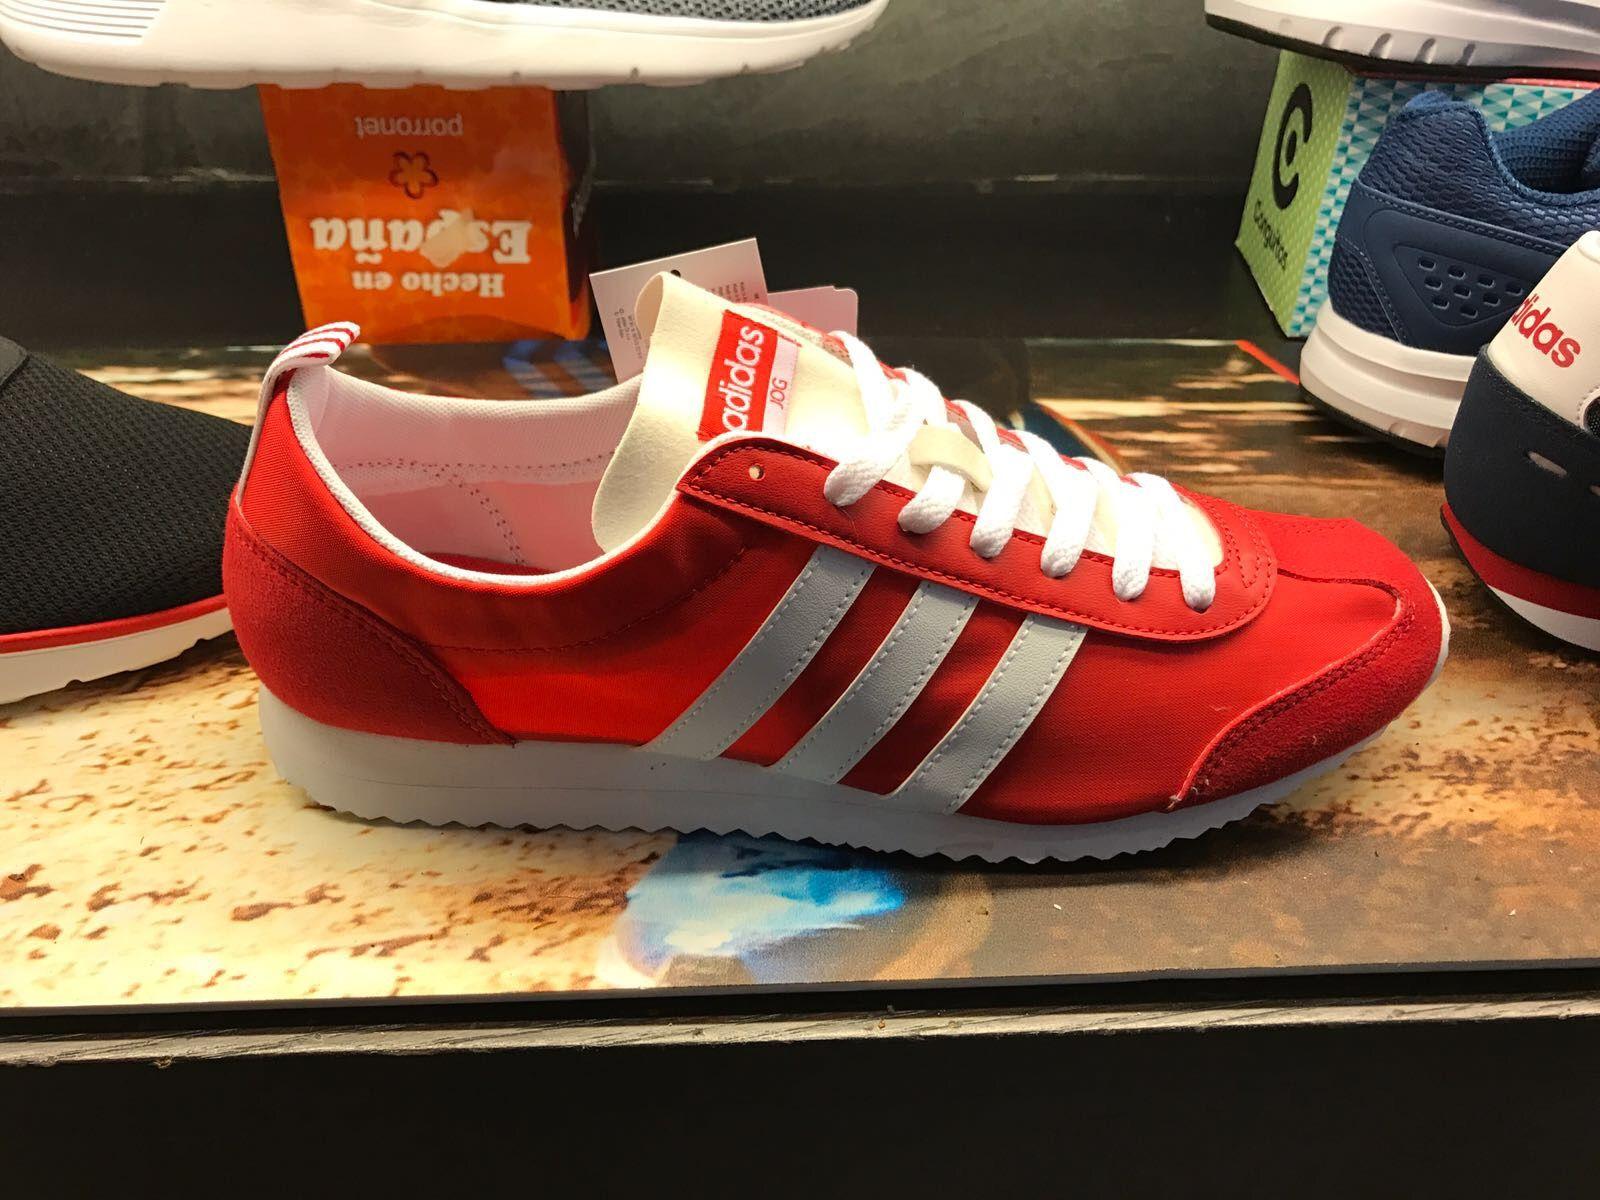 Aburrido Convertir evolución  Adidas rojas Hombre. | Adidas rojos, Adidas, Calzas